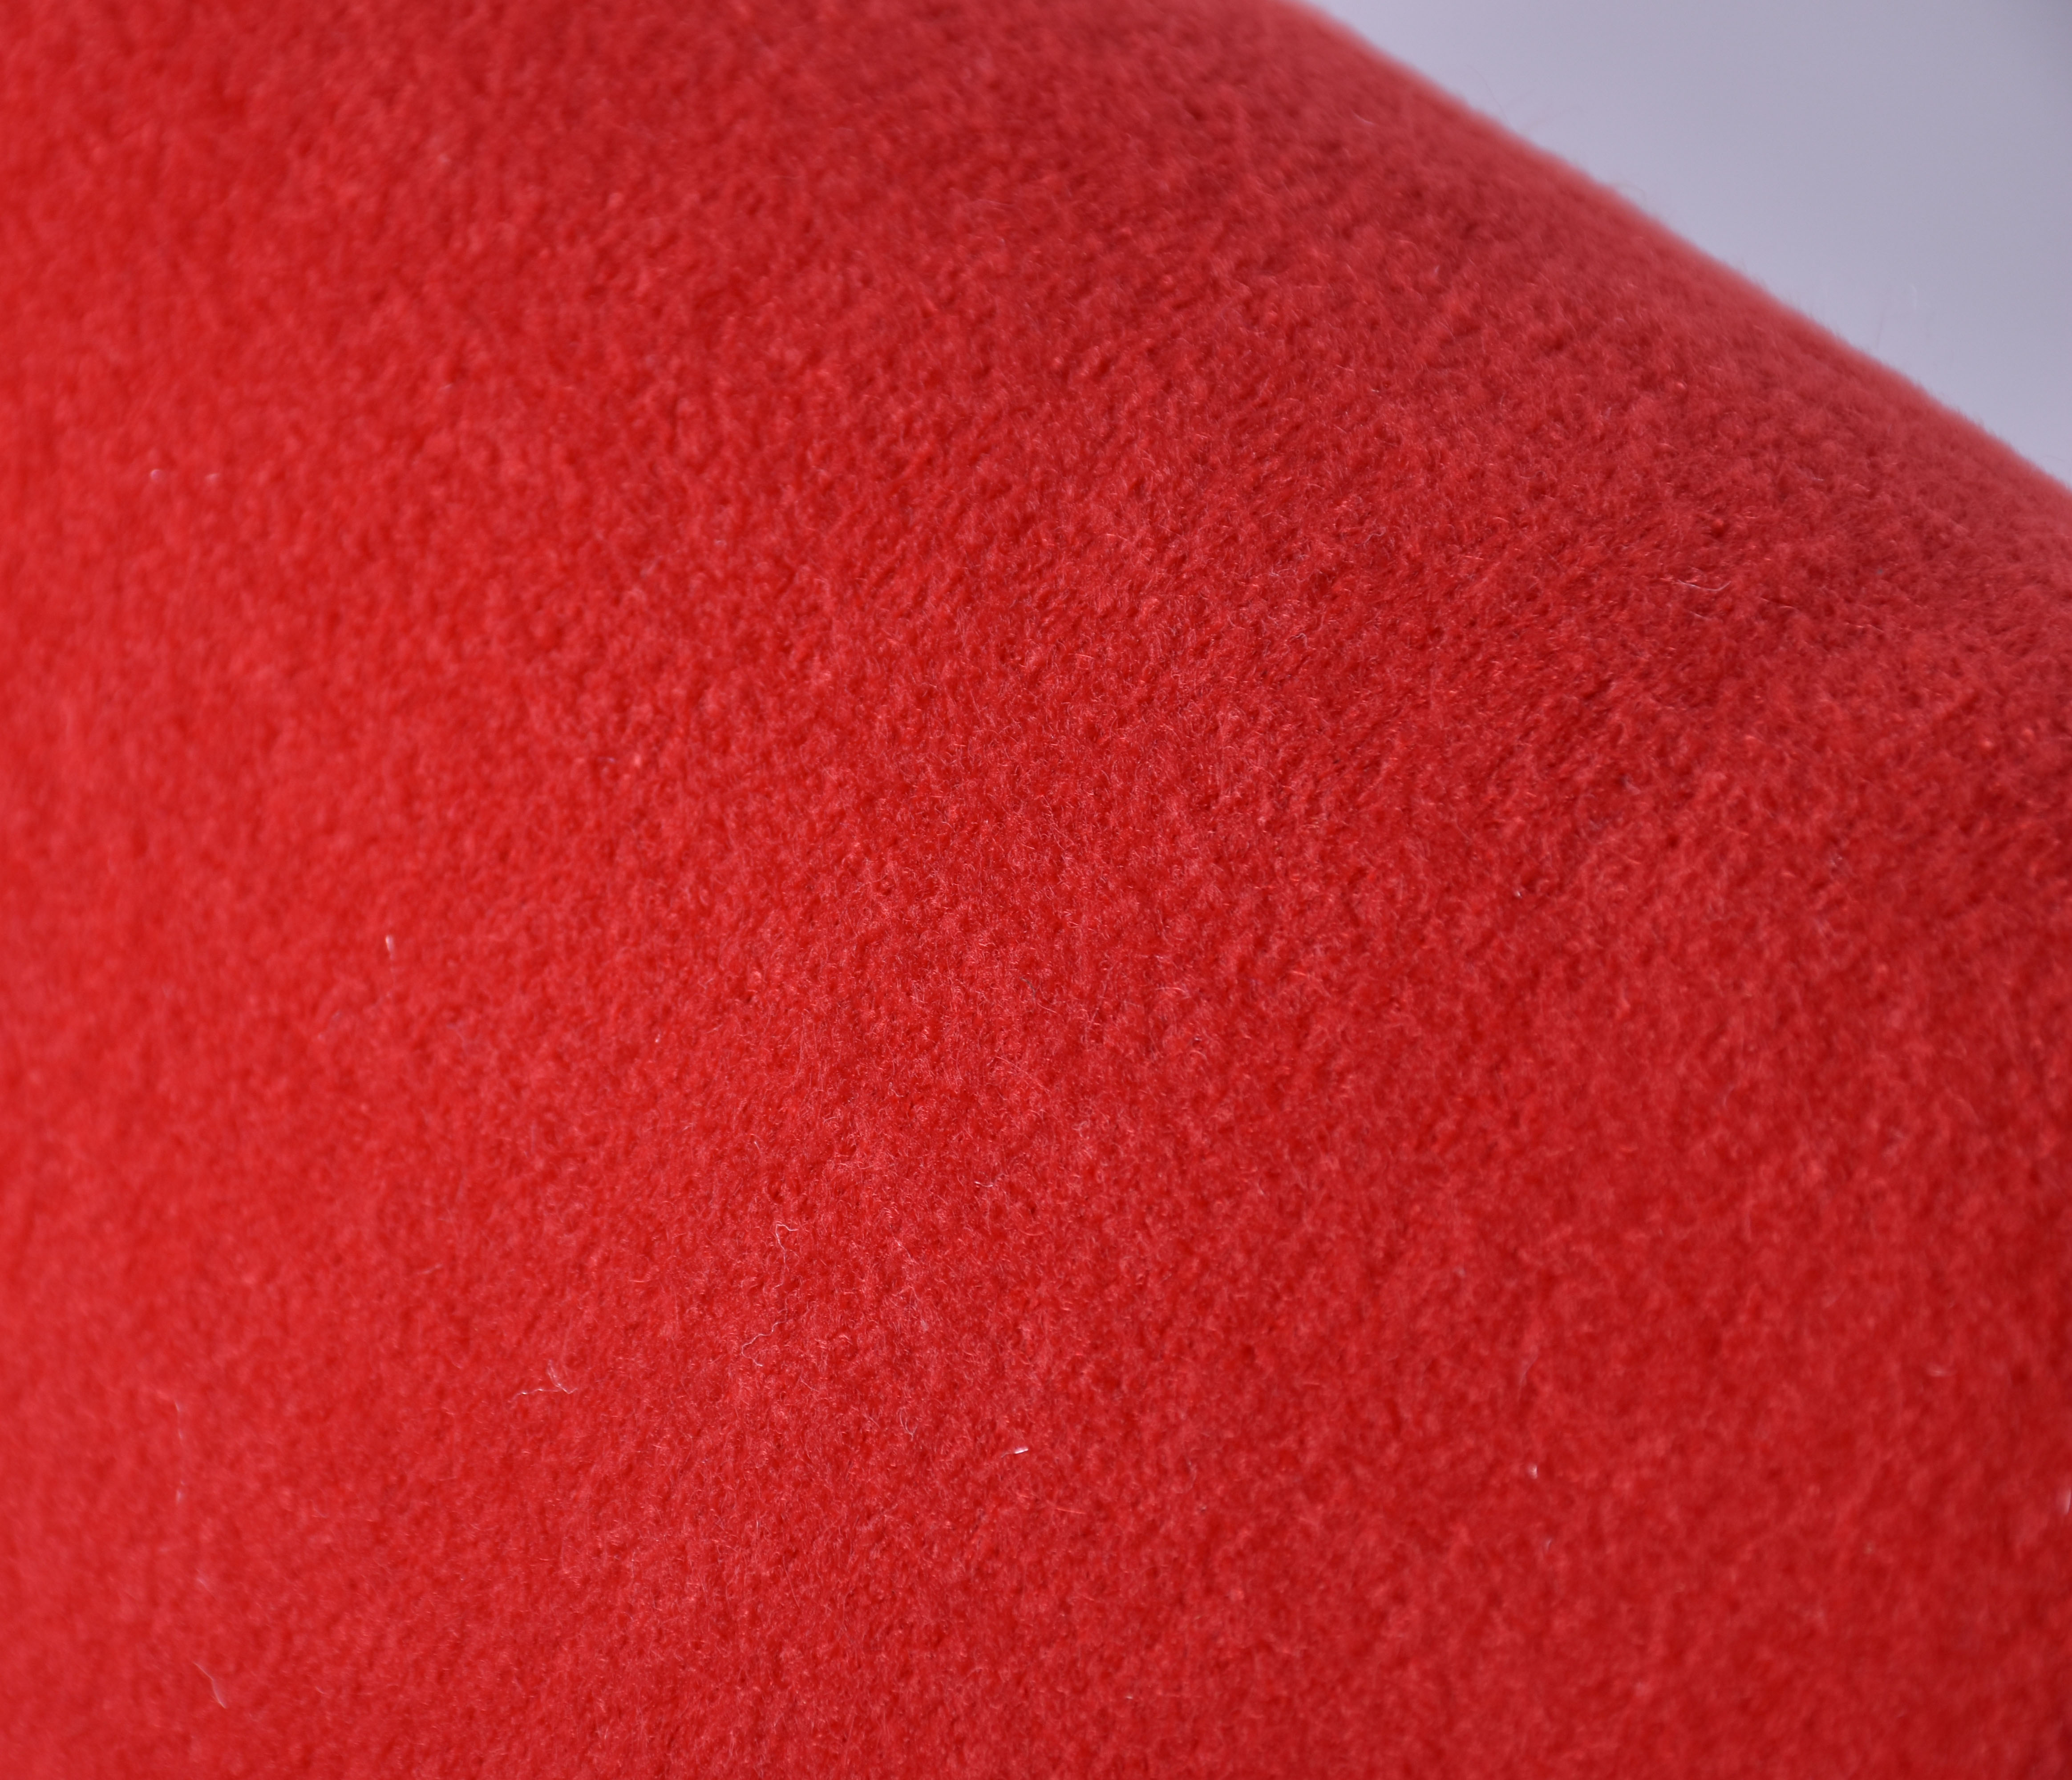 Daim Synthétique Tissu tirant chasse-projet de Vent Bouchon Saucisse 19 Couleurs-UK